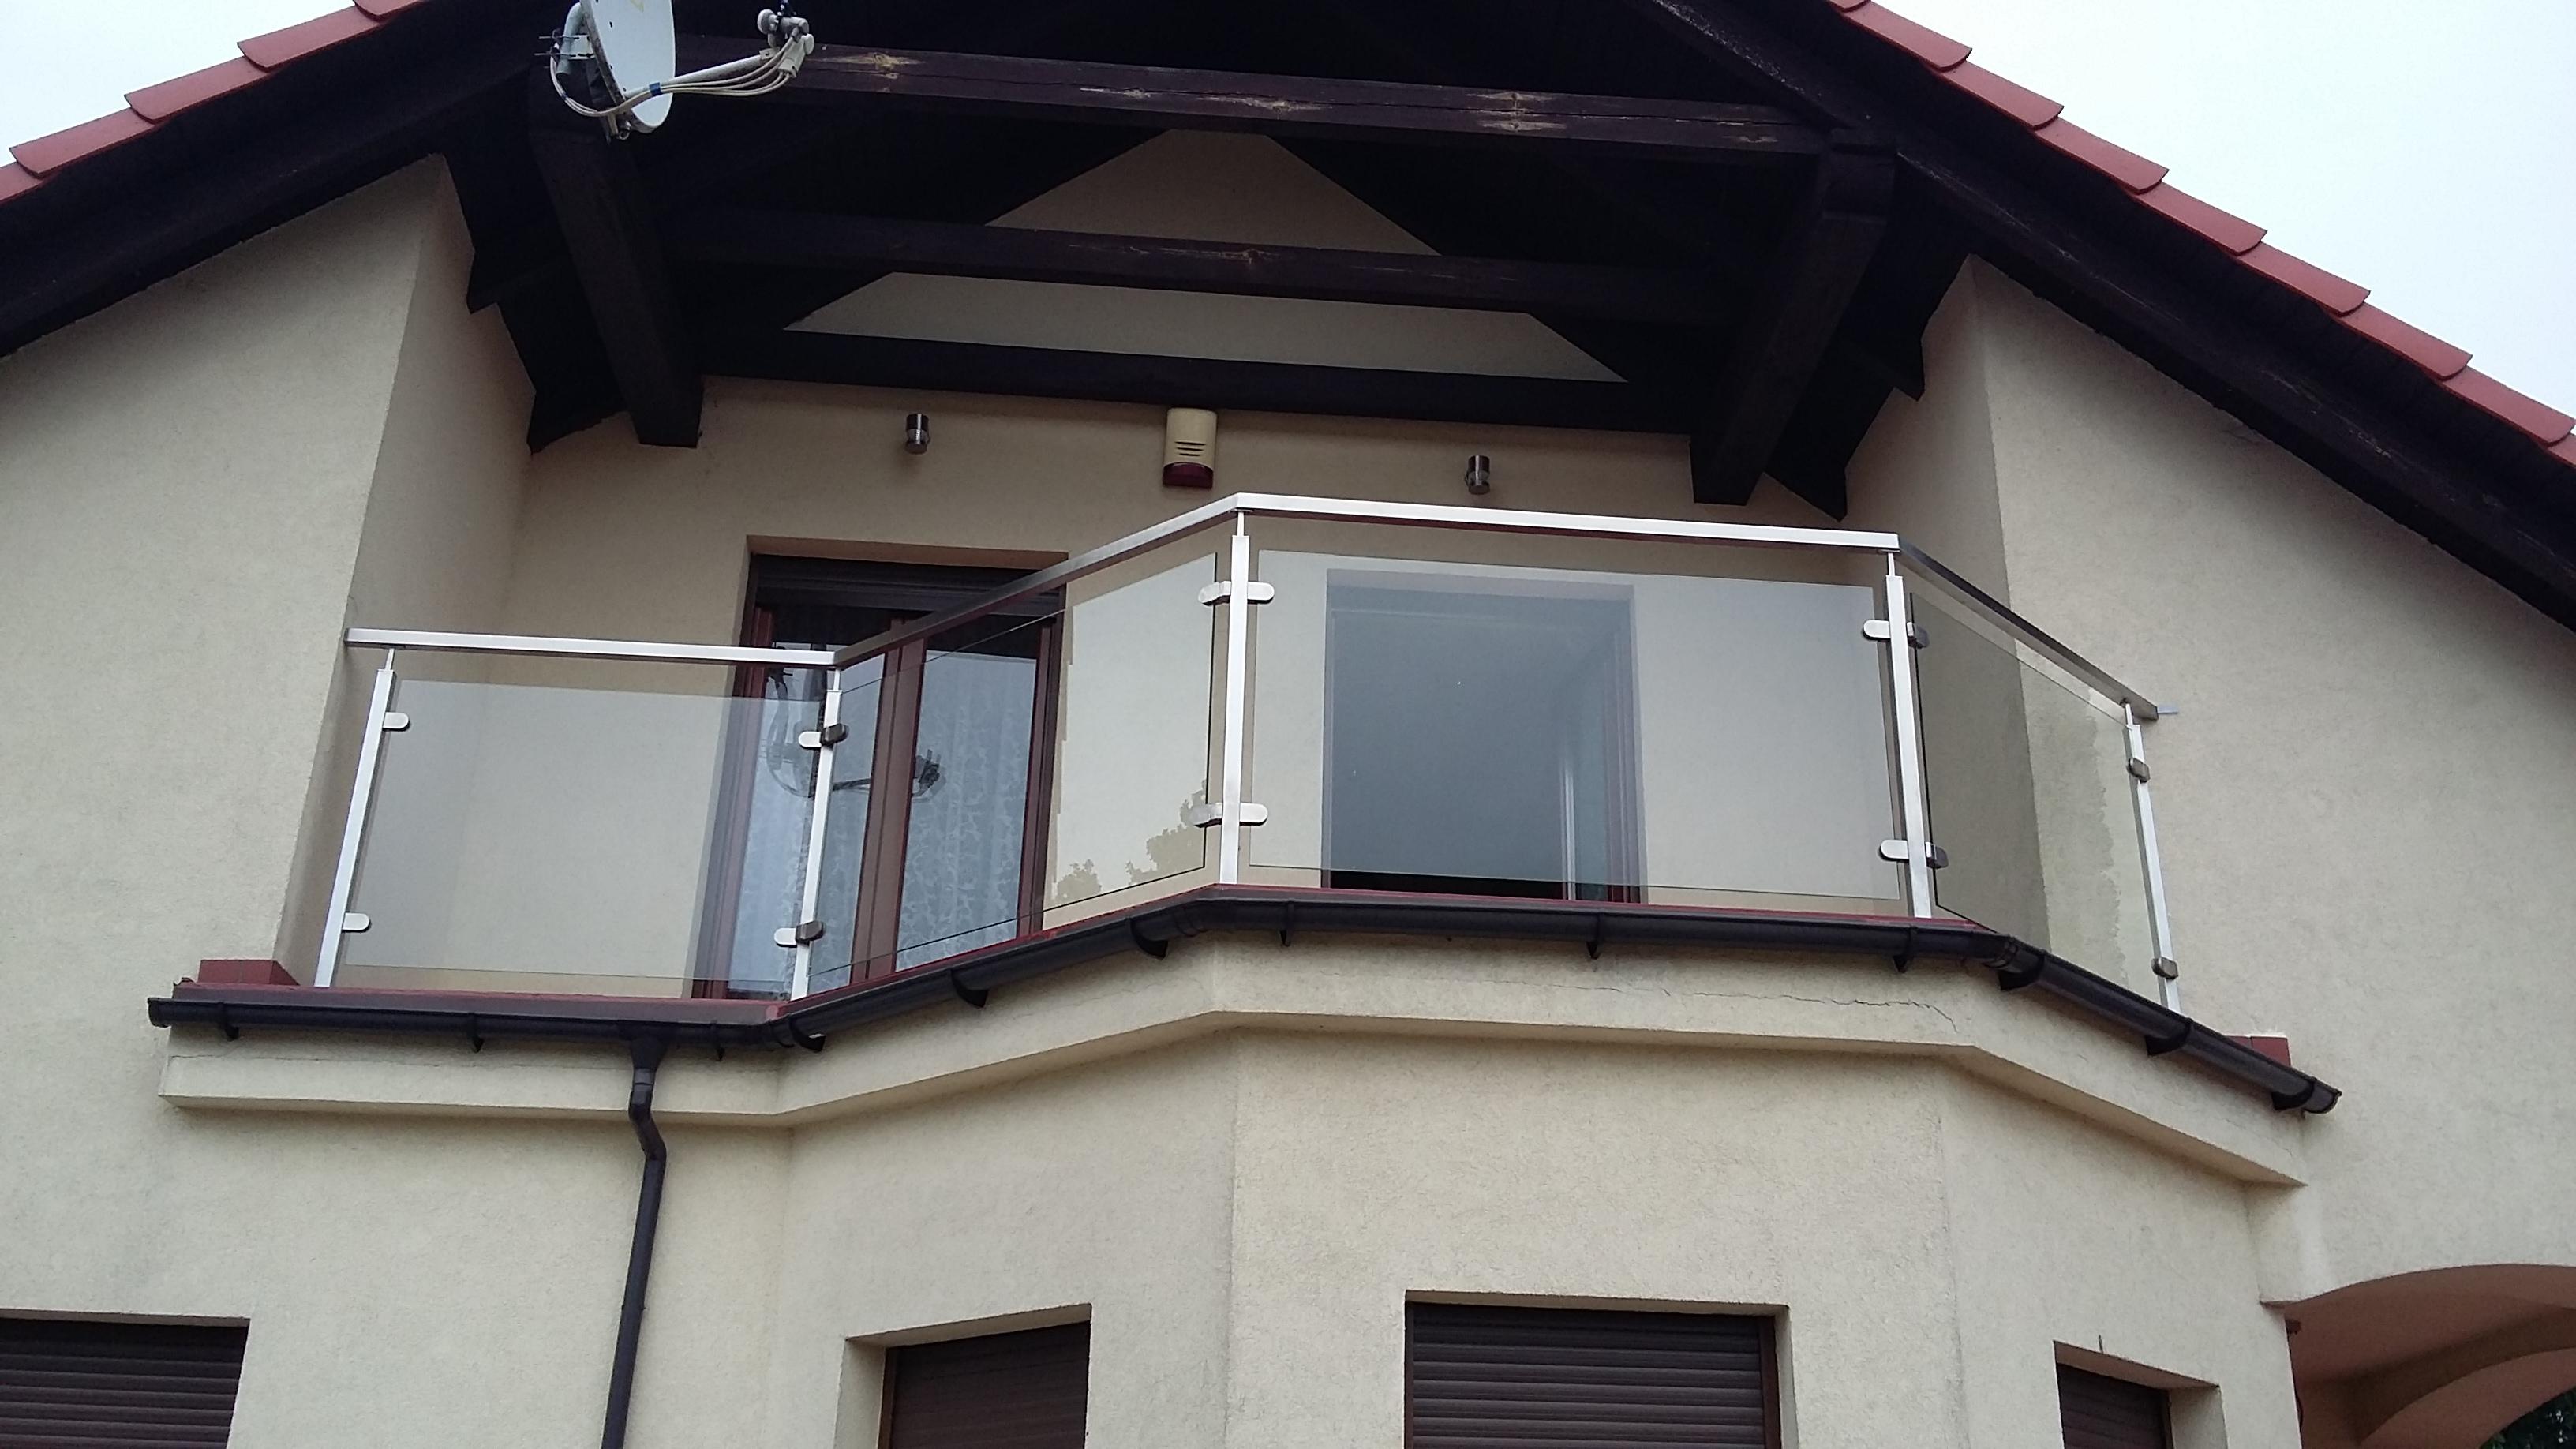 szklana balustrada zewnętrzna z metalowymi poręczami